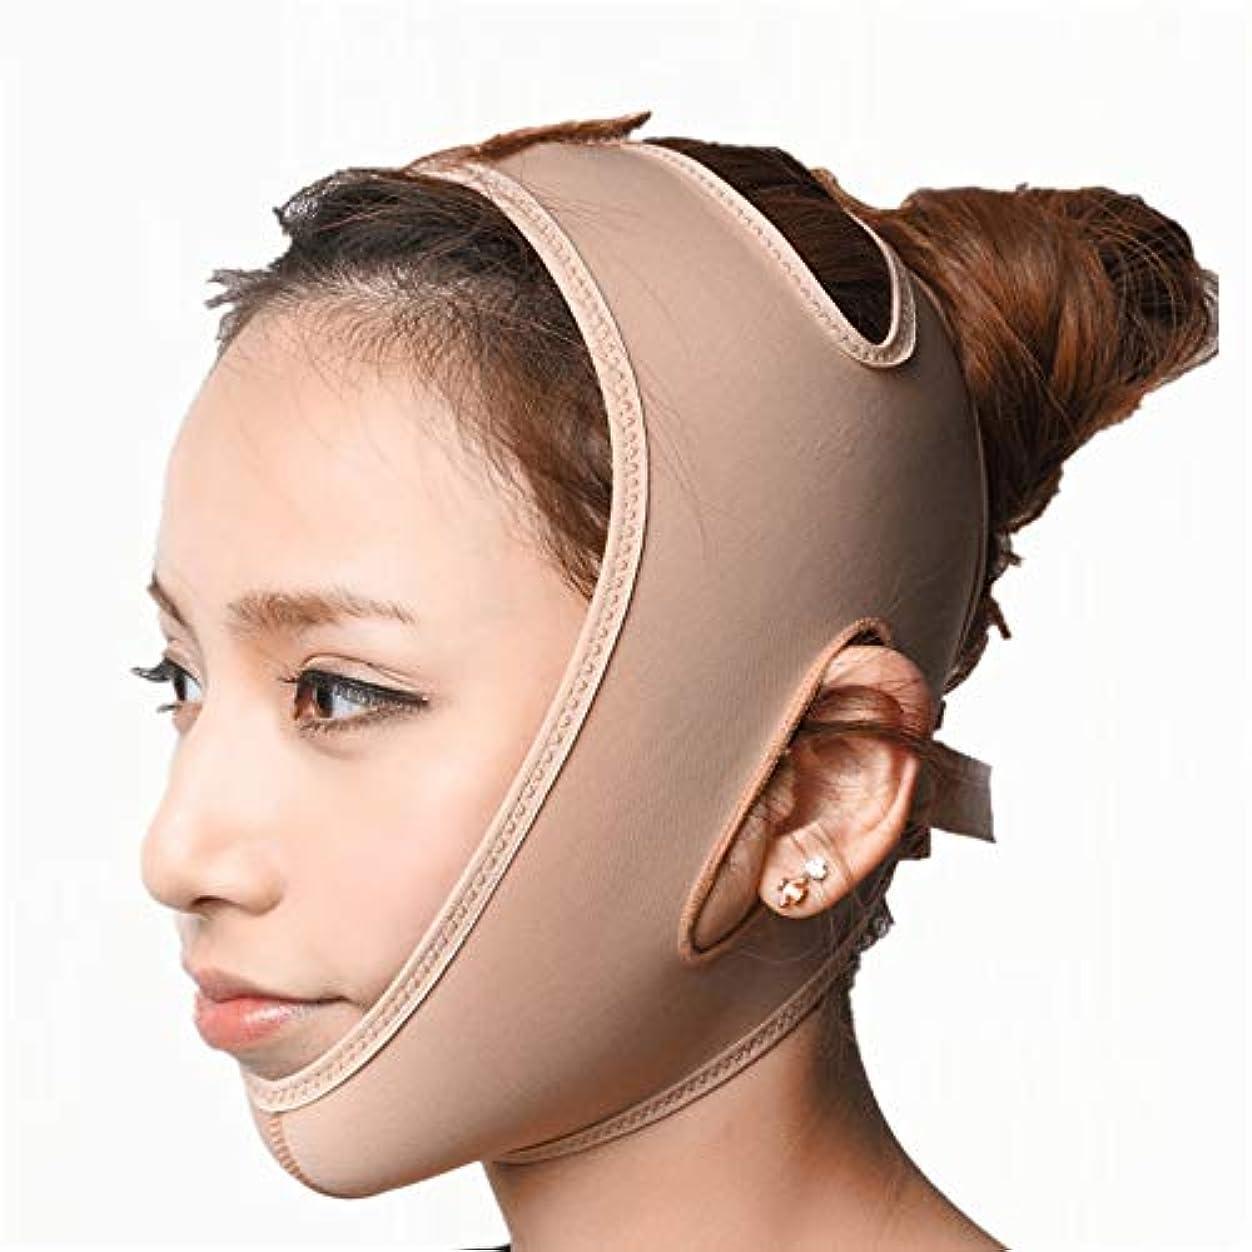 保育園アクチュエータ小売フェイスリフトベルト 薄い顔のベルト - 薄い顔のアーチファクトVの顔の包帯マスクの顔のマッサージャー薄いダブルの顎のデバイス